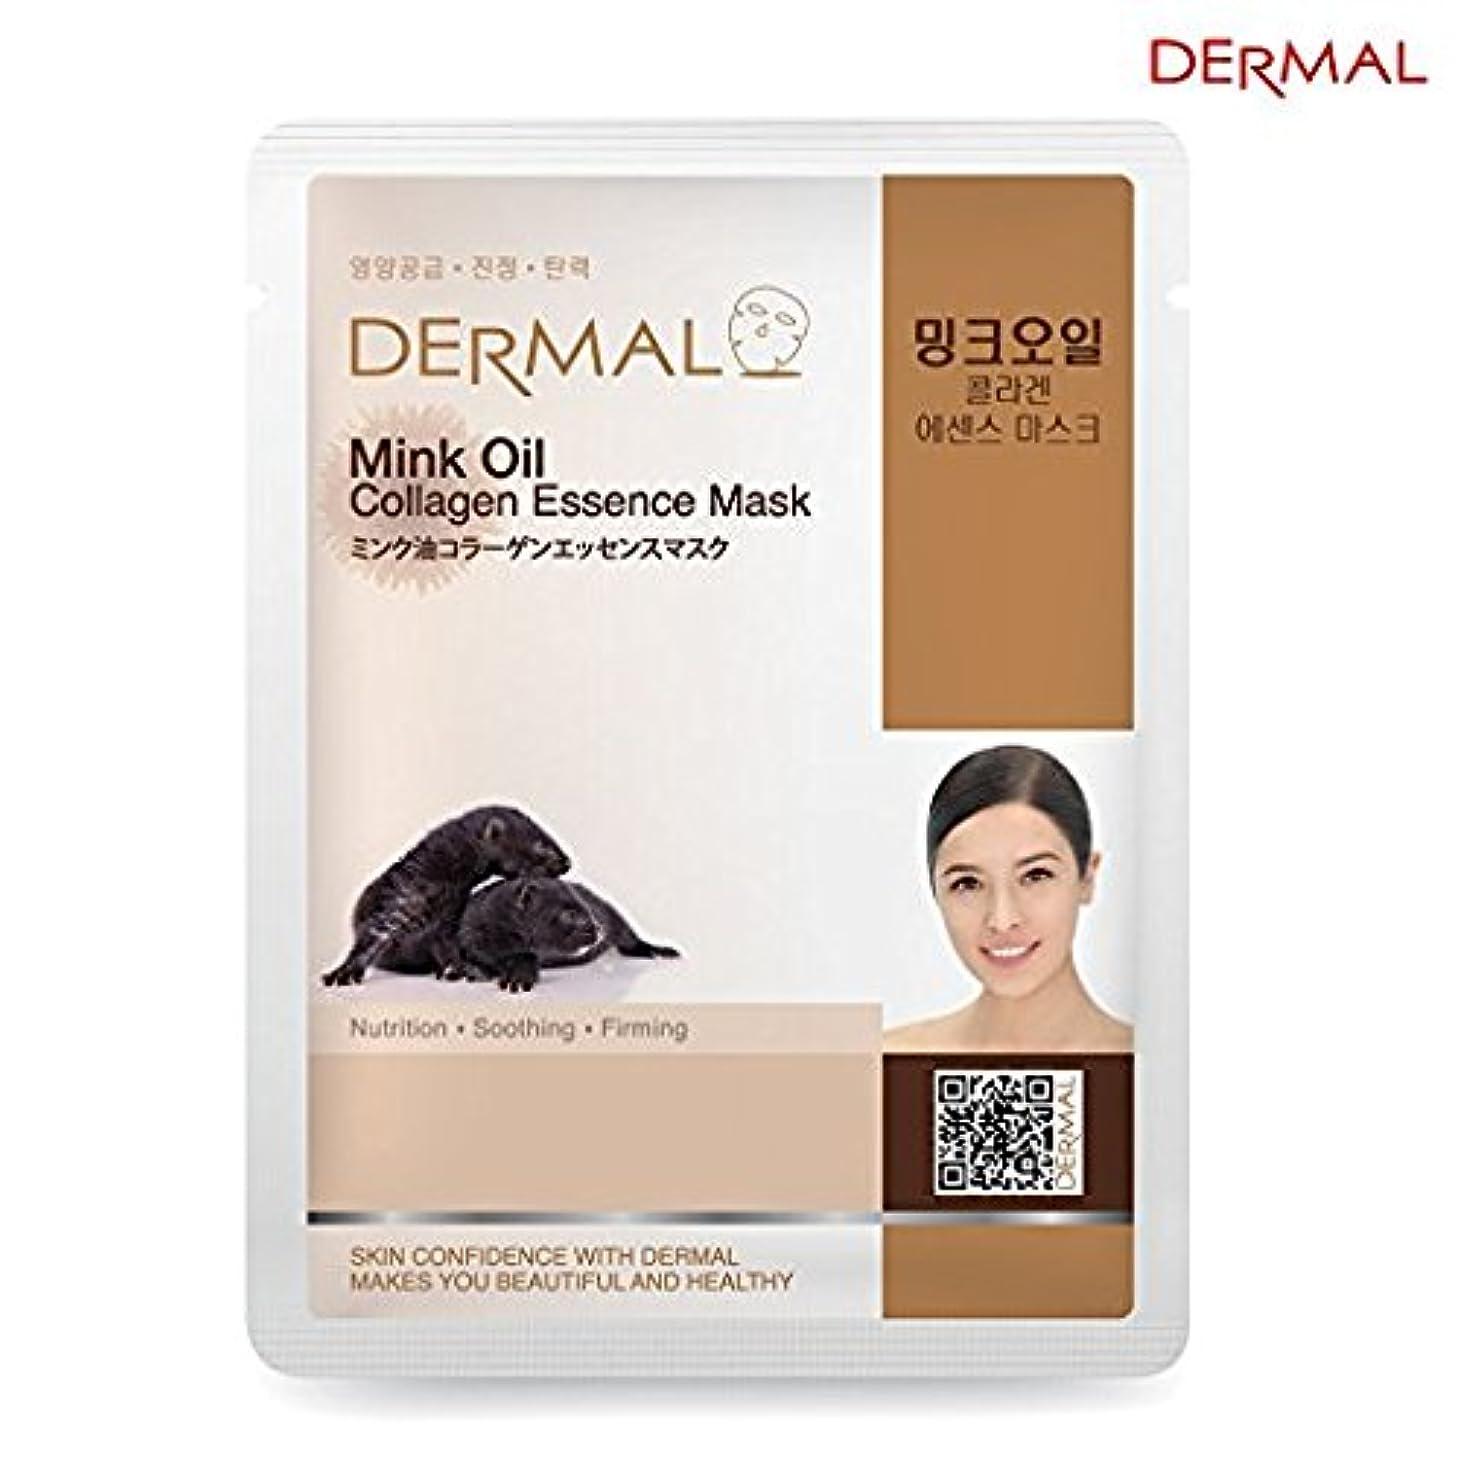 シート マスク ミンク油エキス ダーマル Dermal 23g (10枚セット) 韓国コスメ コラーゲンエッセンスマスク フェイス パック